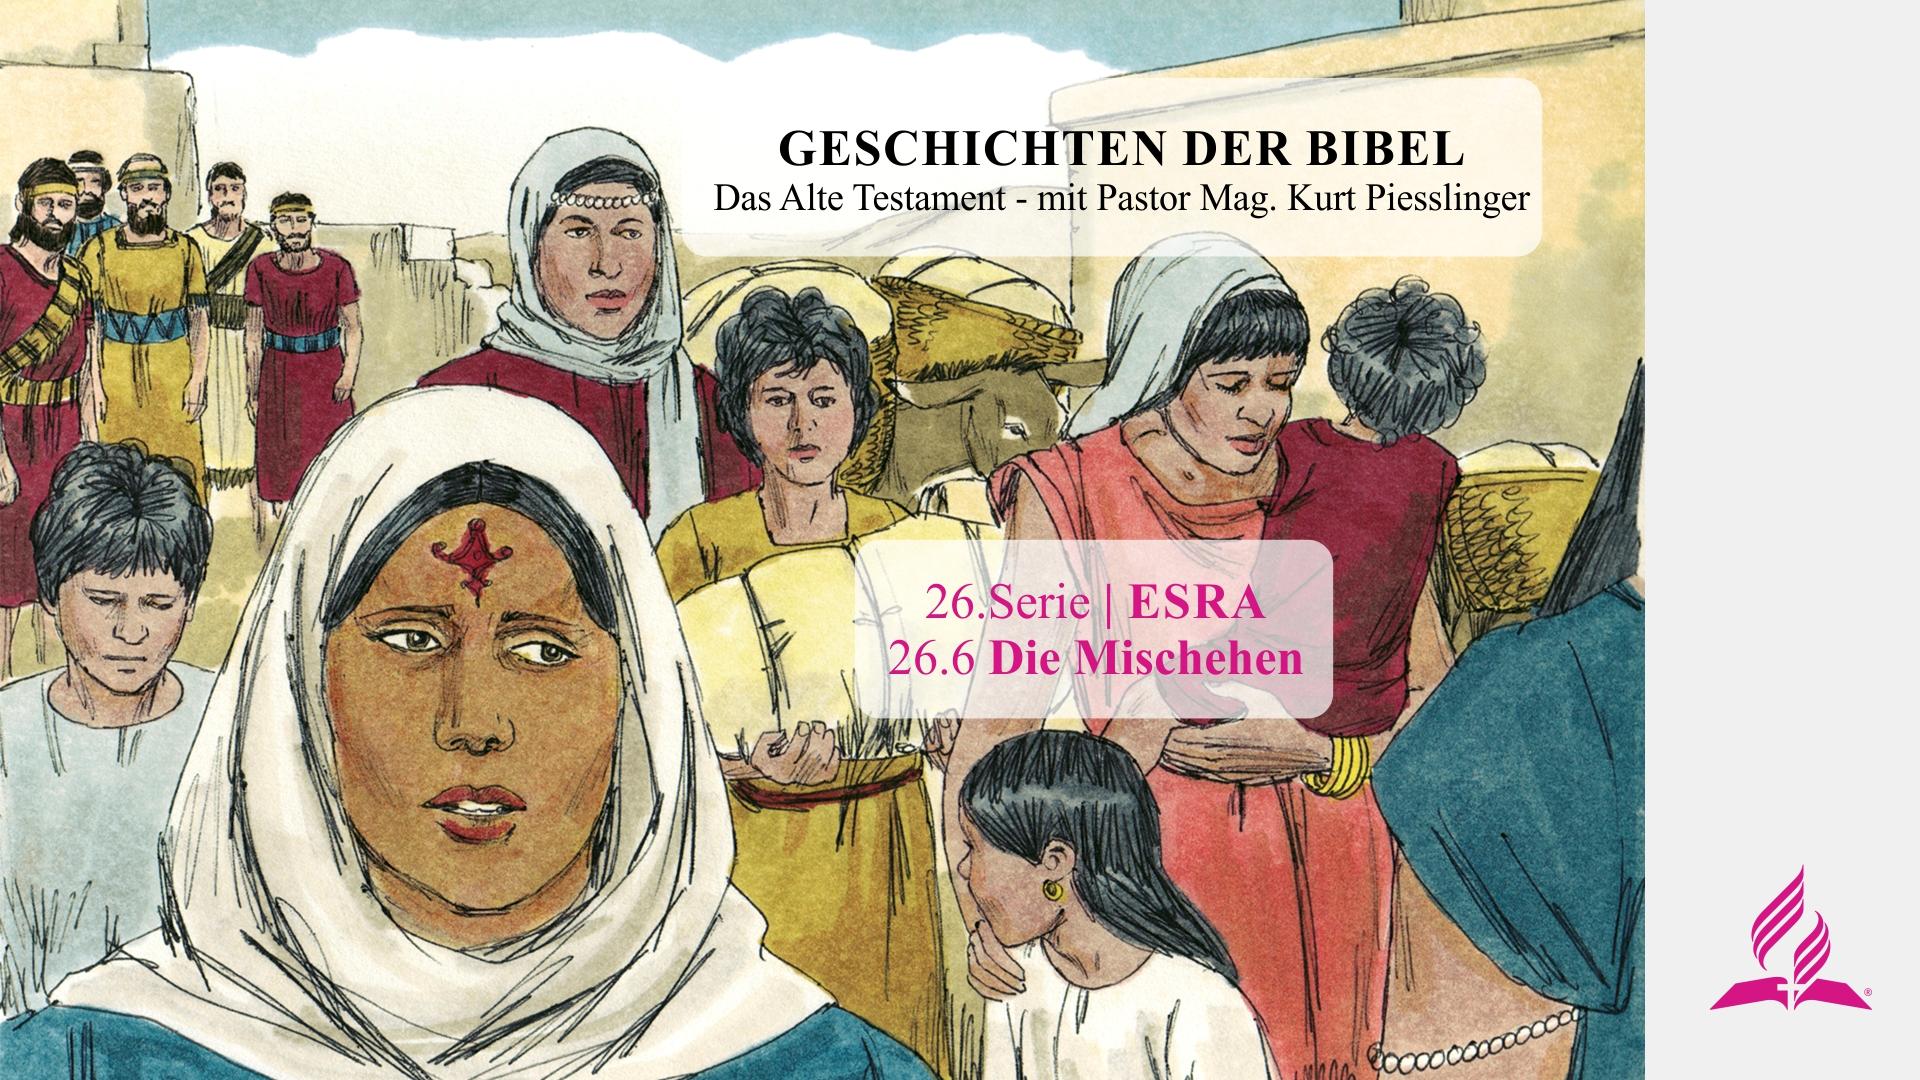 GESCHICHTEN DER BIBEL: 26.6 Die Mischehen – 26.ESRA | Pastor Mag. Kurt Piesslinger